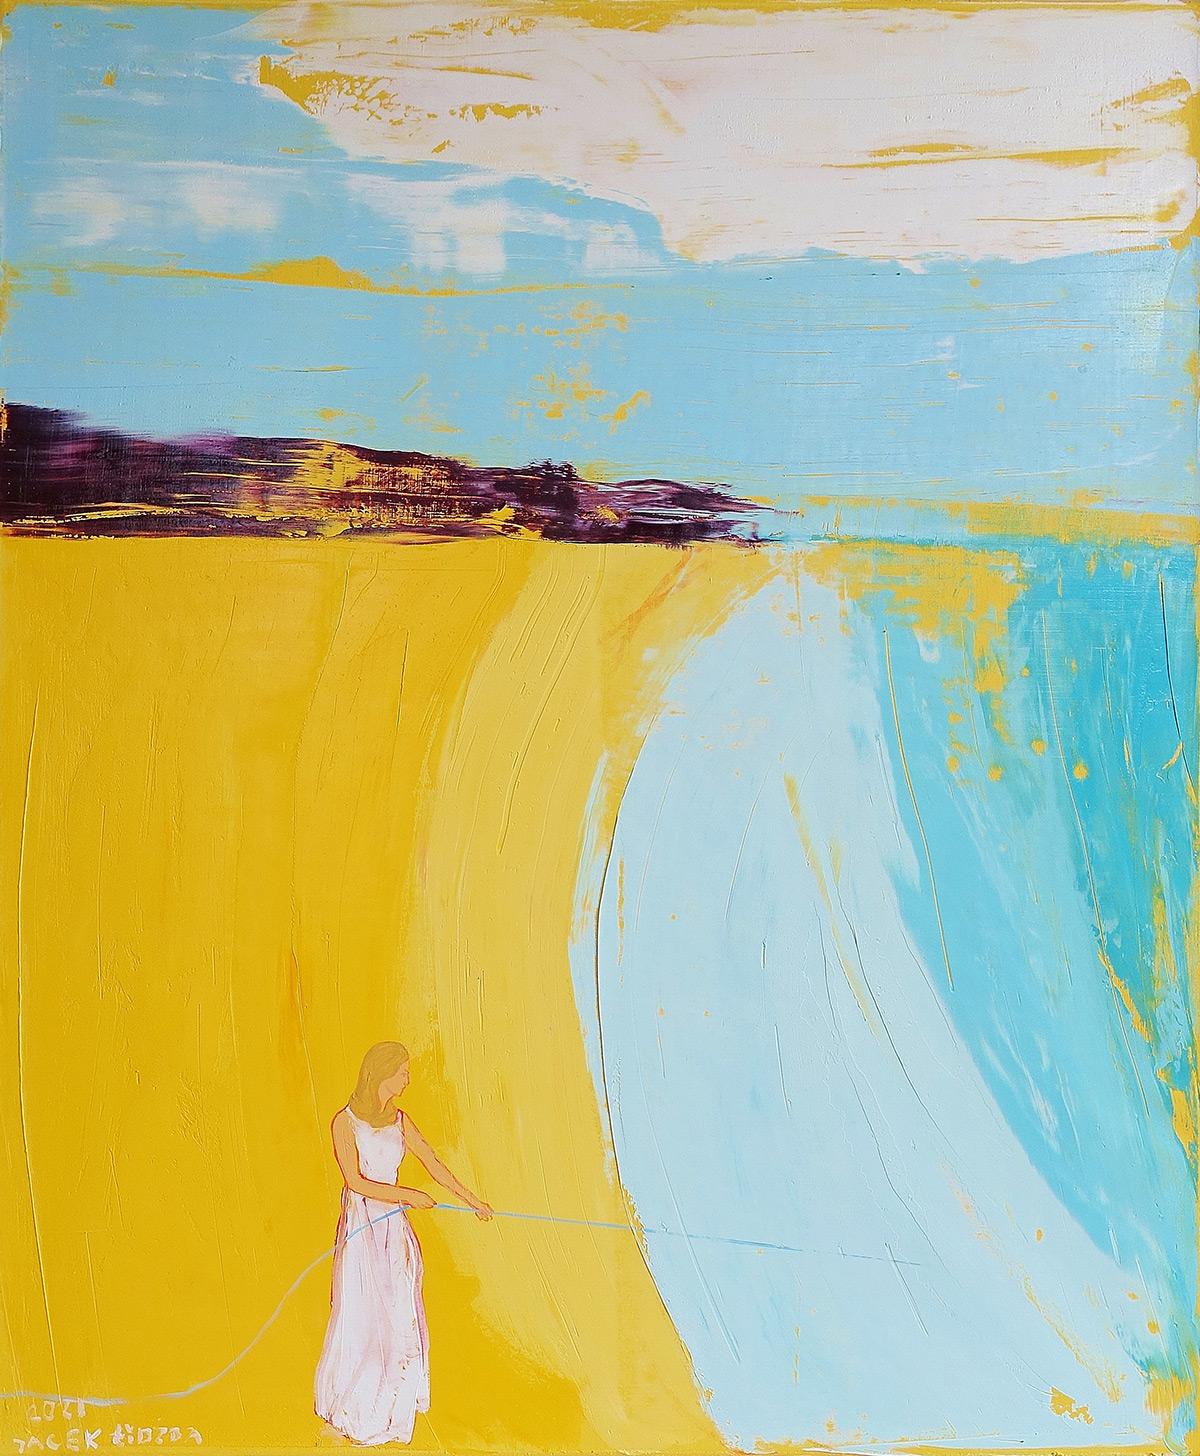 Jacek Łydżba : Lonely woman and vertical horizon